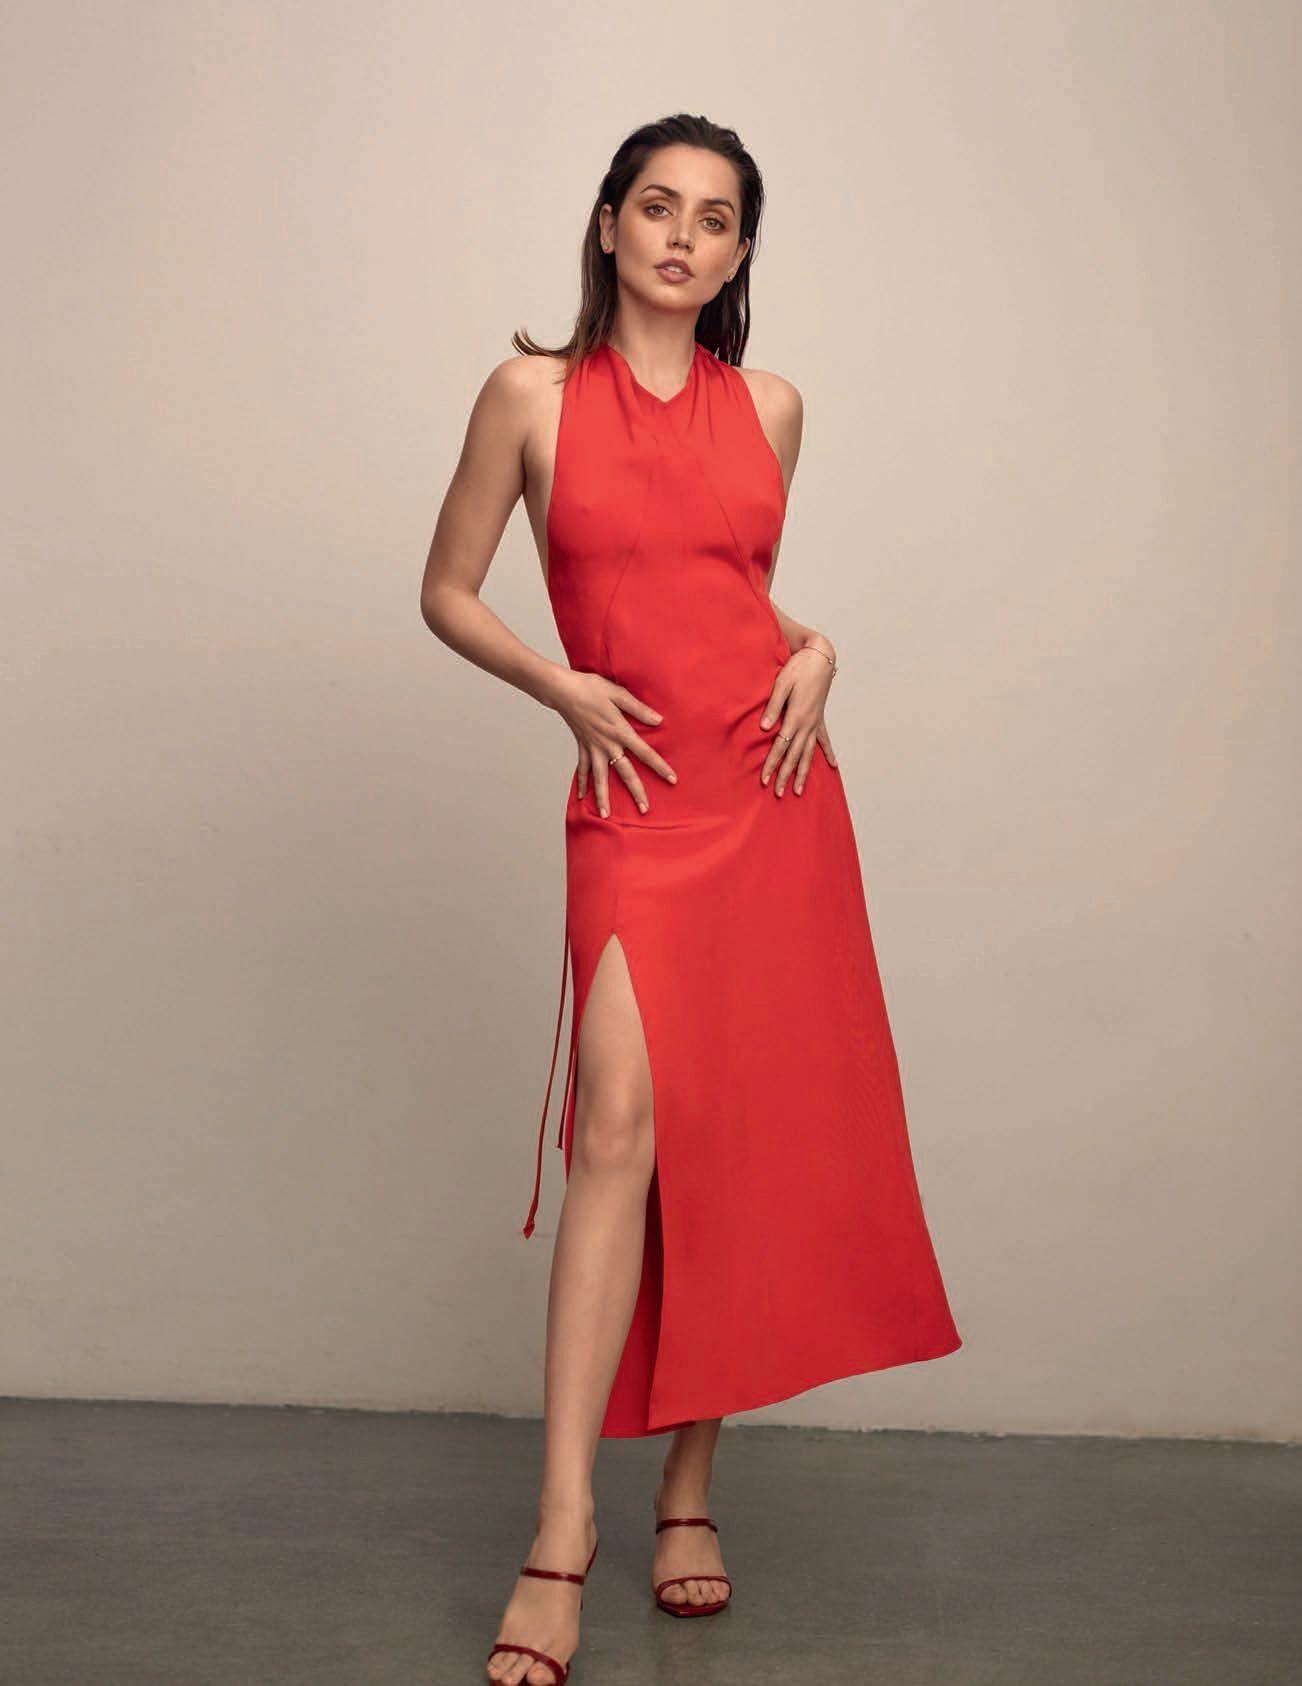 Ana De Armas Sexy – Vogue Spain April 2020 Issue 0007